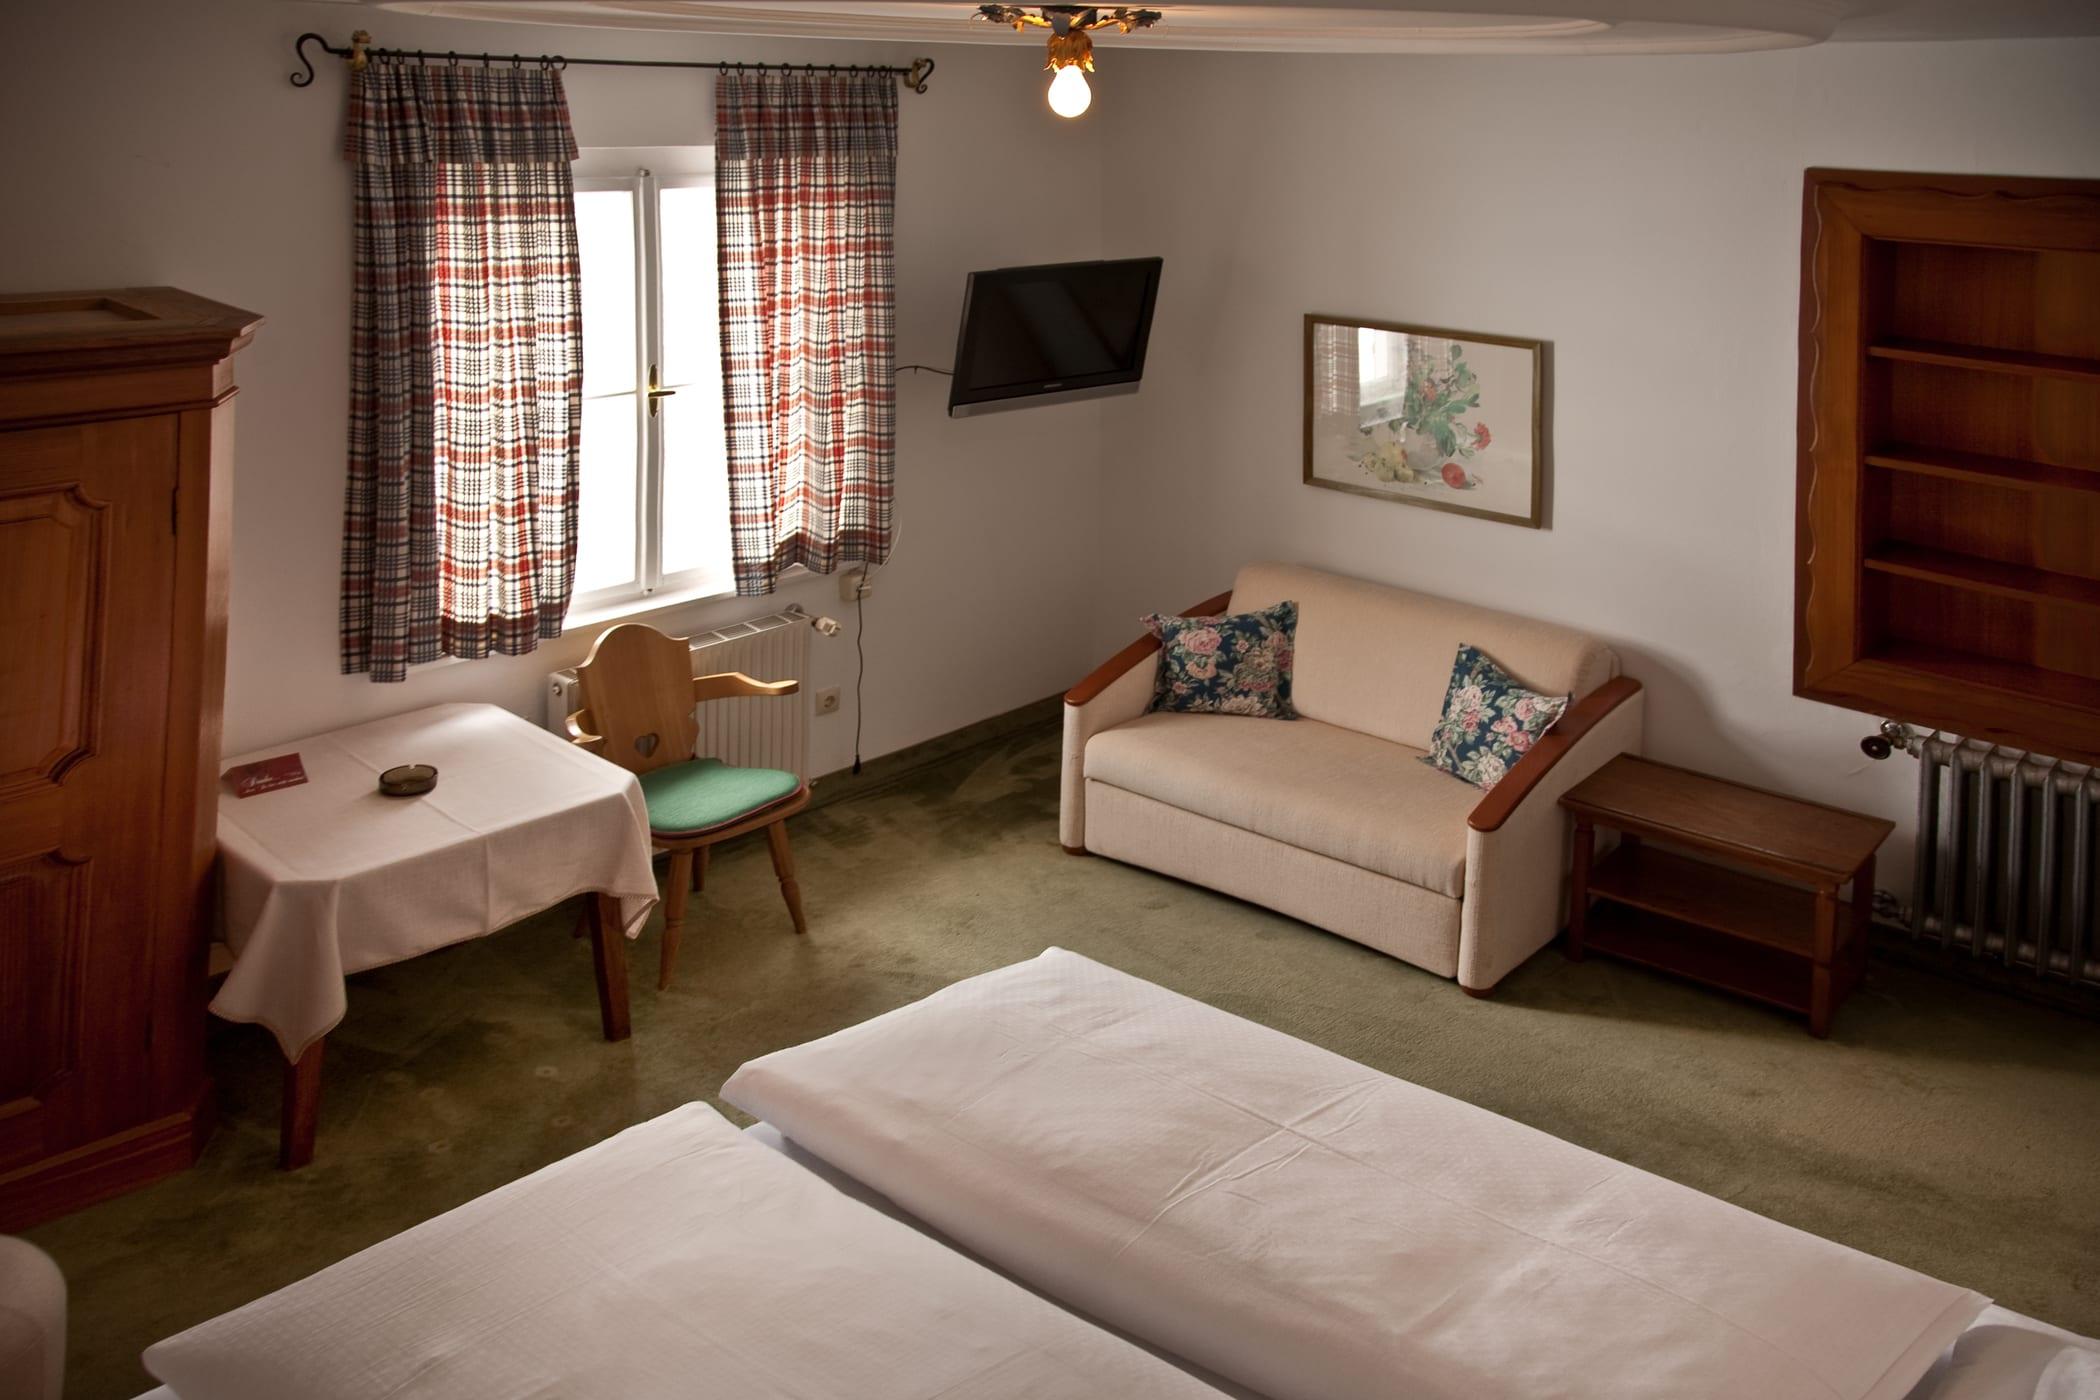 uebersicht-schlafen-und-apres-ski-und-wohnen-hotel-flexen-zuers-am-arlberg